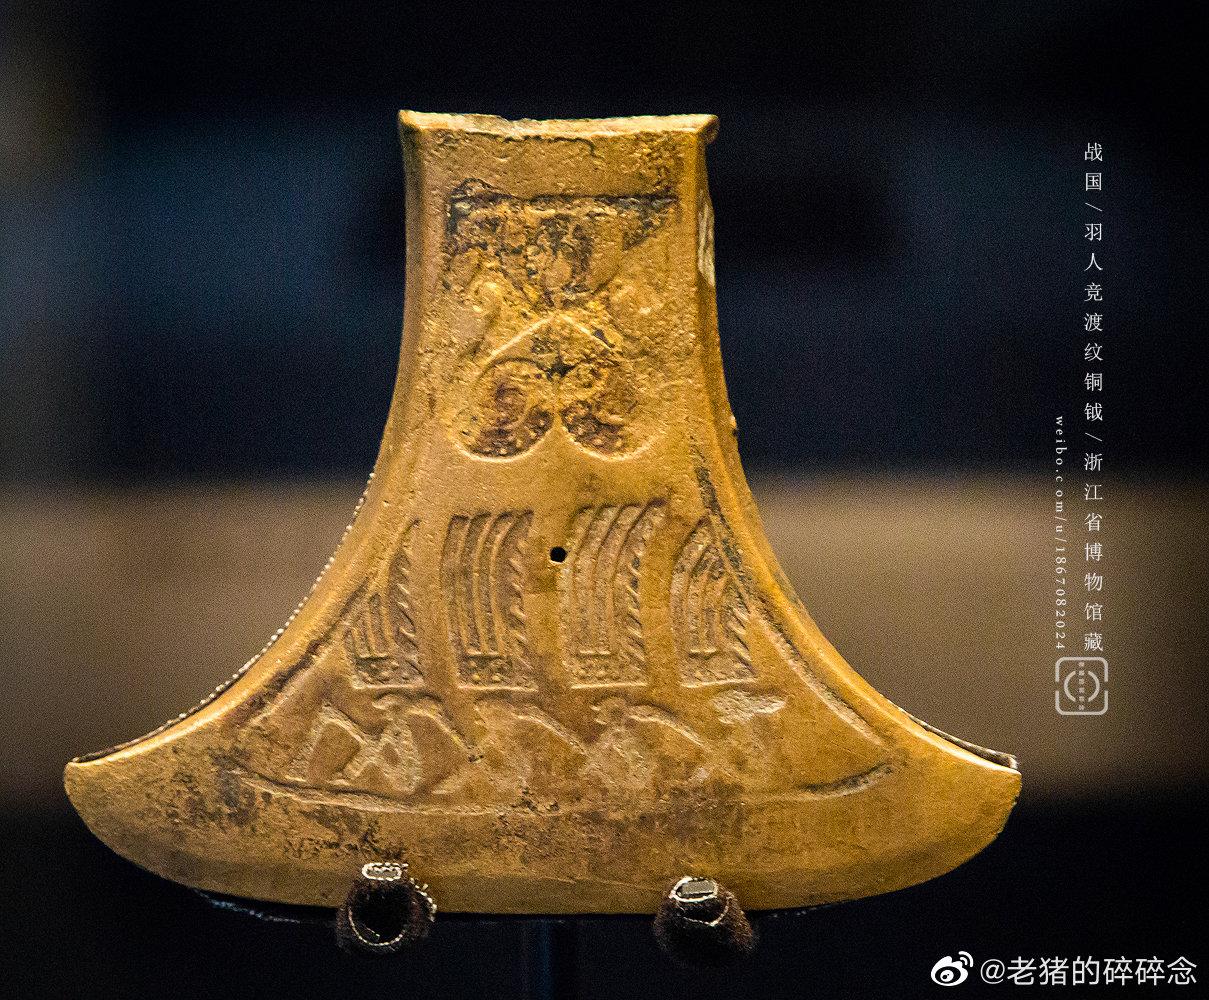 1976年,鄞县云龙镇甲村石秃山出土了一件战国时期的羽人竞渡纹铜钺